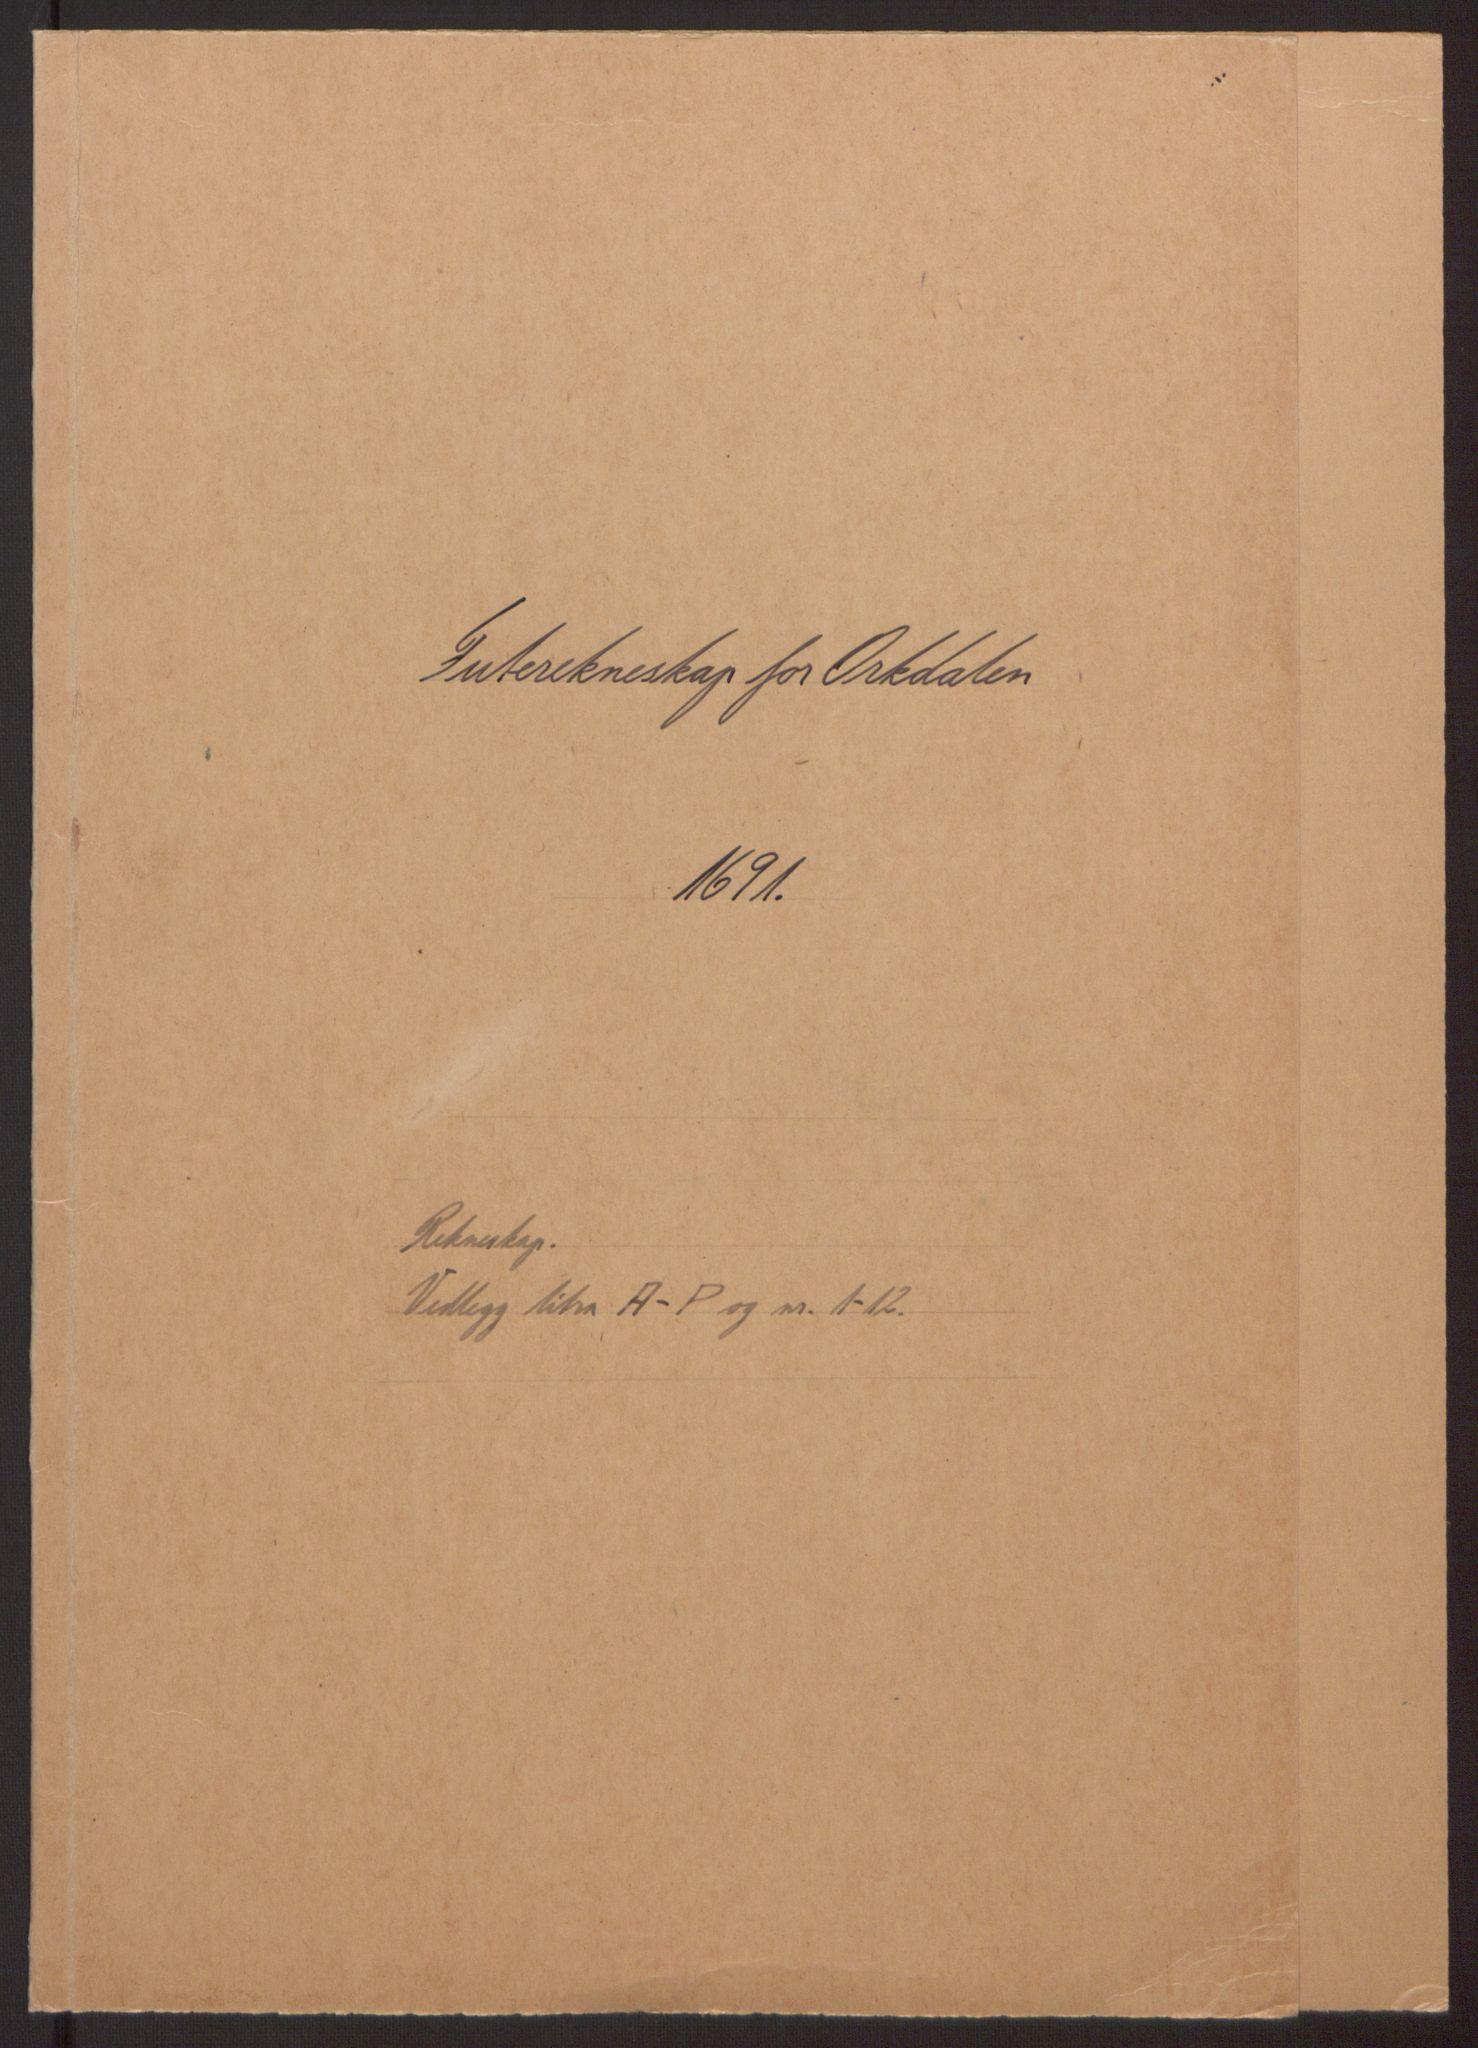 RA, Rentekammeret inntil 1814, Reviderte regnskaper, Fogderegnskap, R58/L3937: Fogderegnskap Orkdal, 1691-1692, s. 2